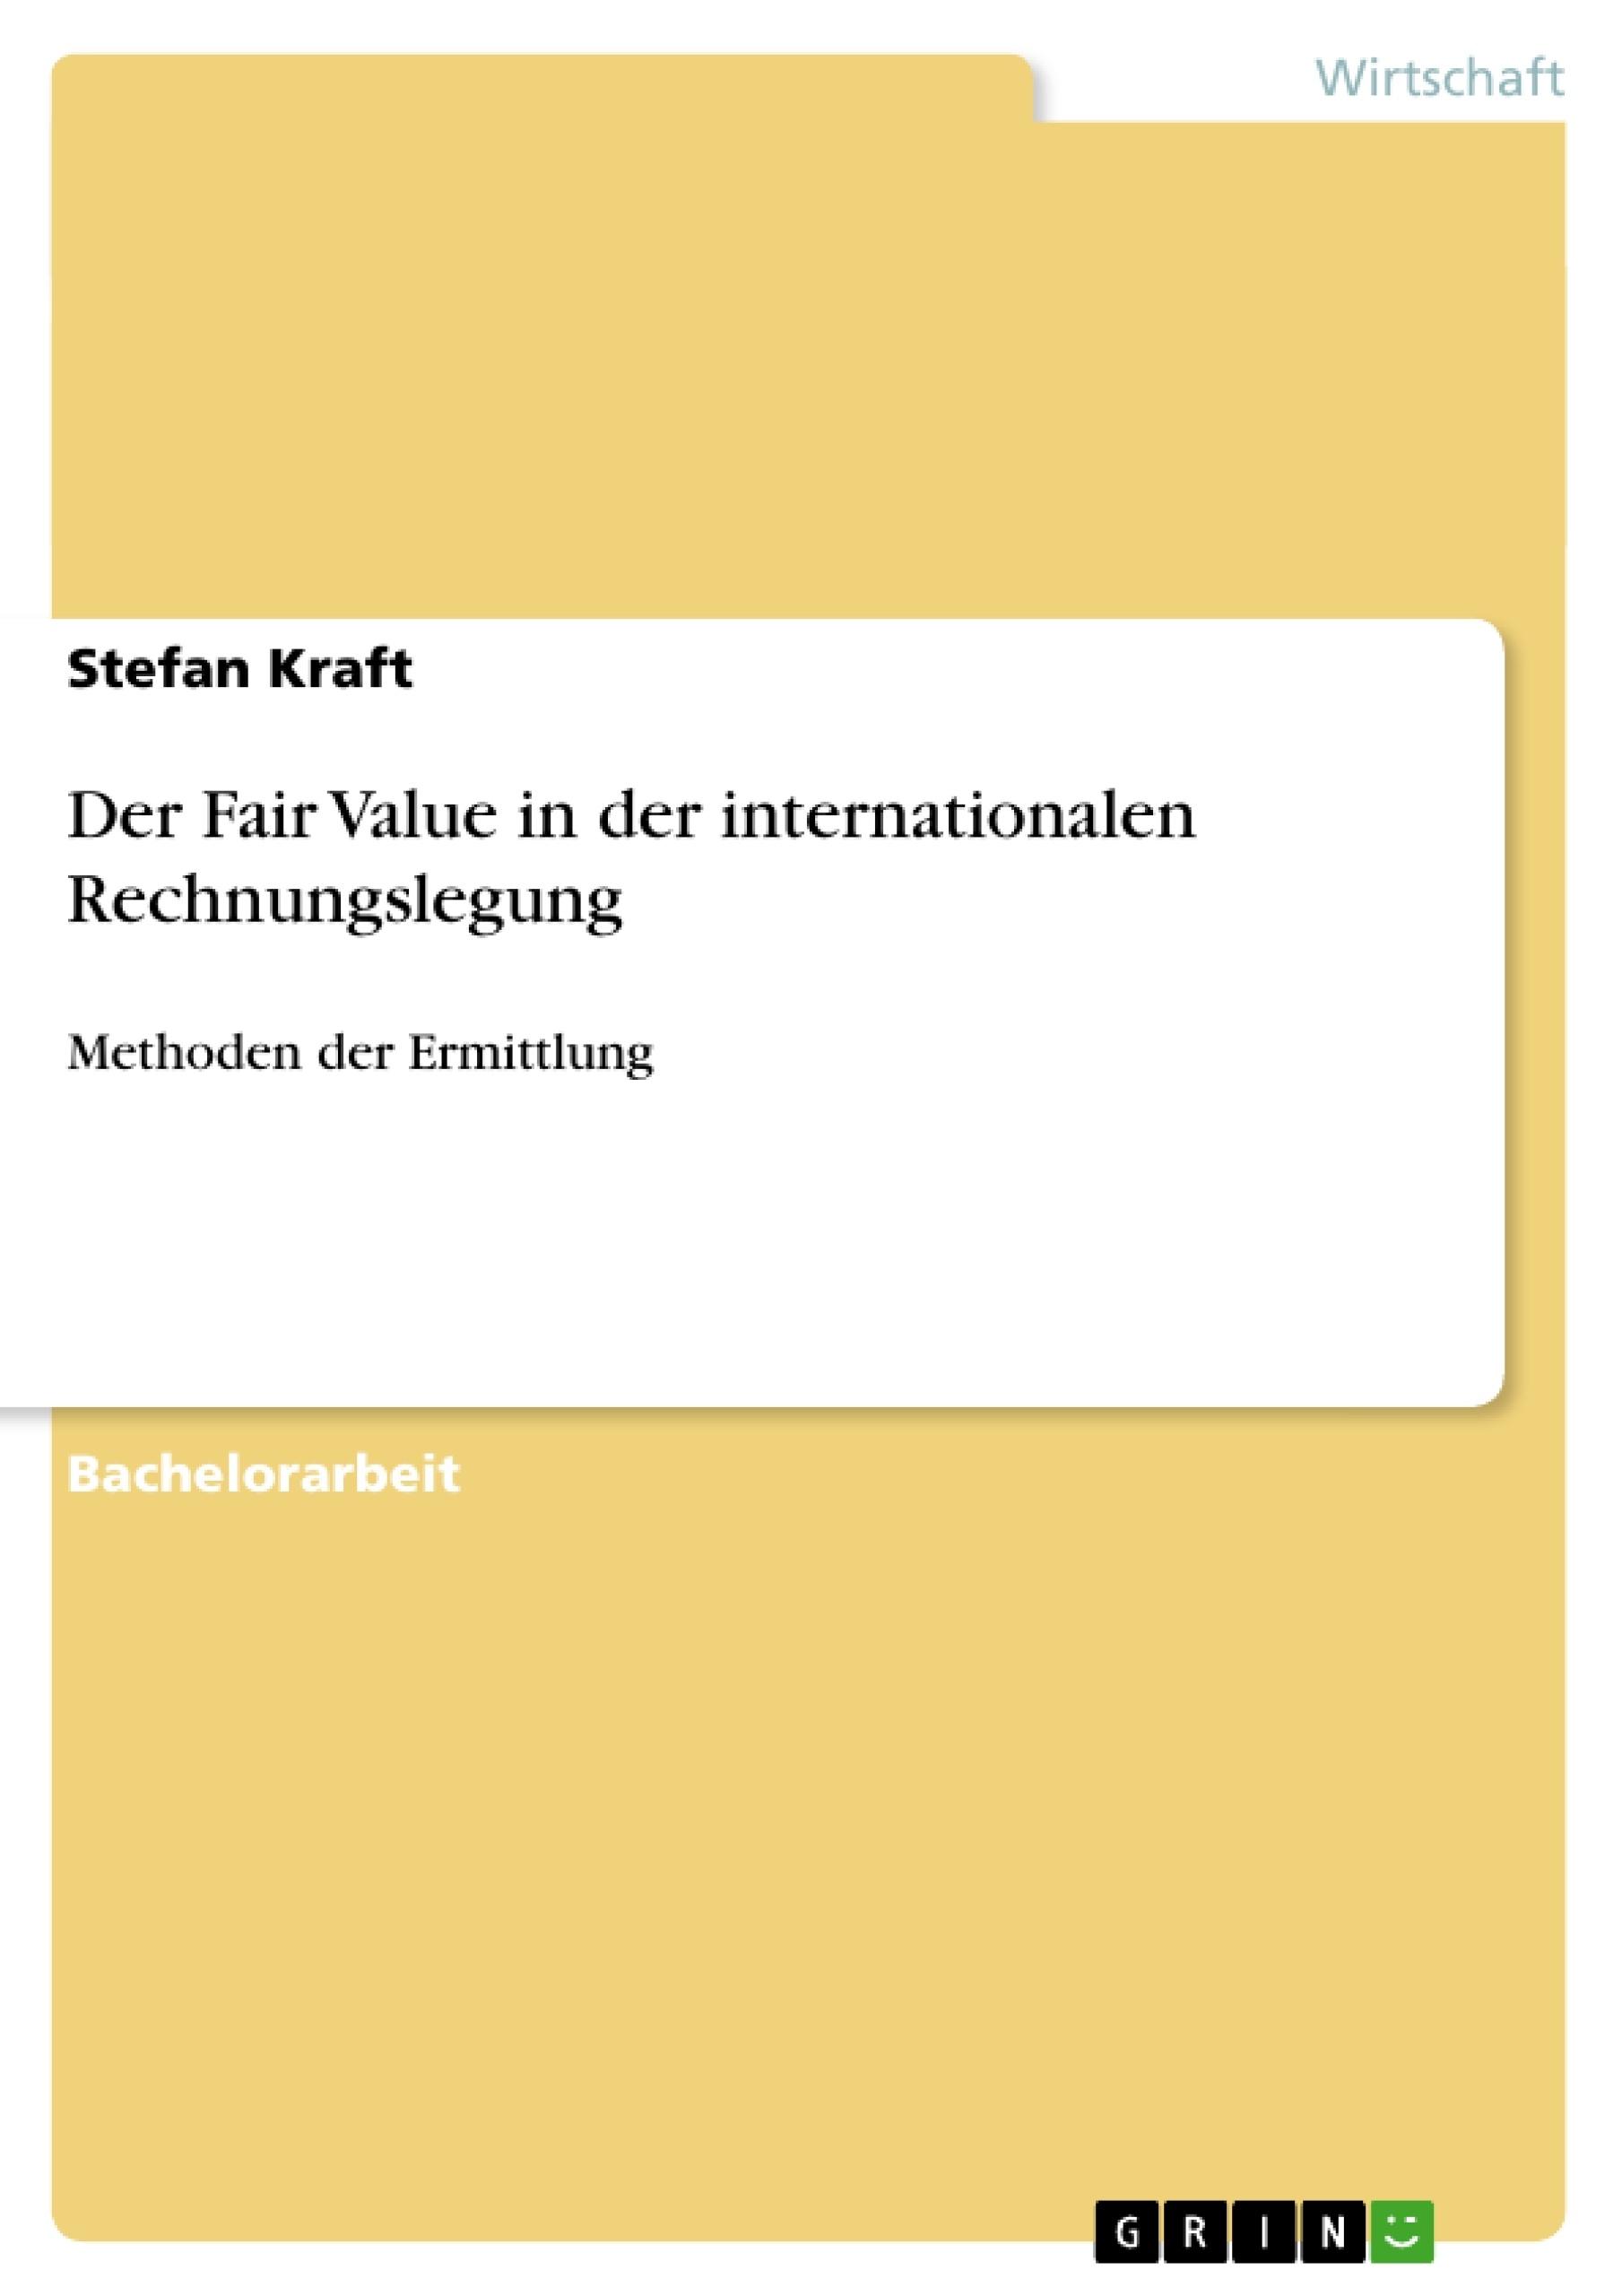 Titel: Der Fair Value in der internationalen Rechnungslegung